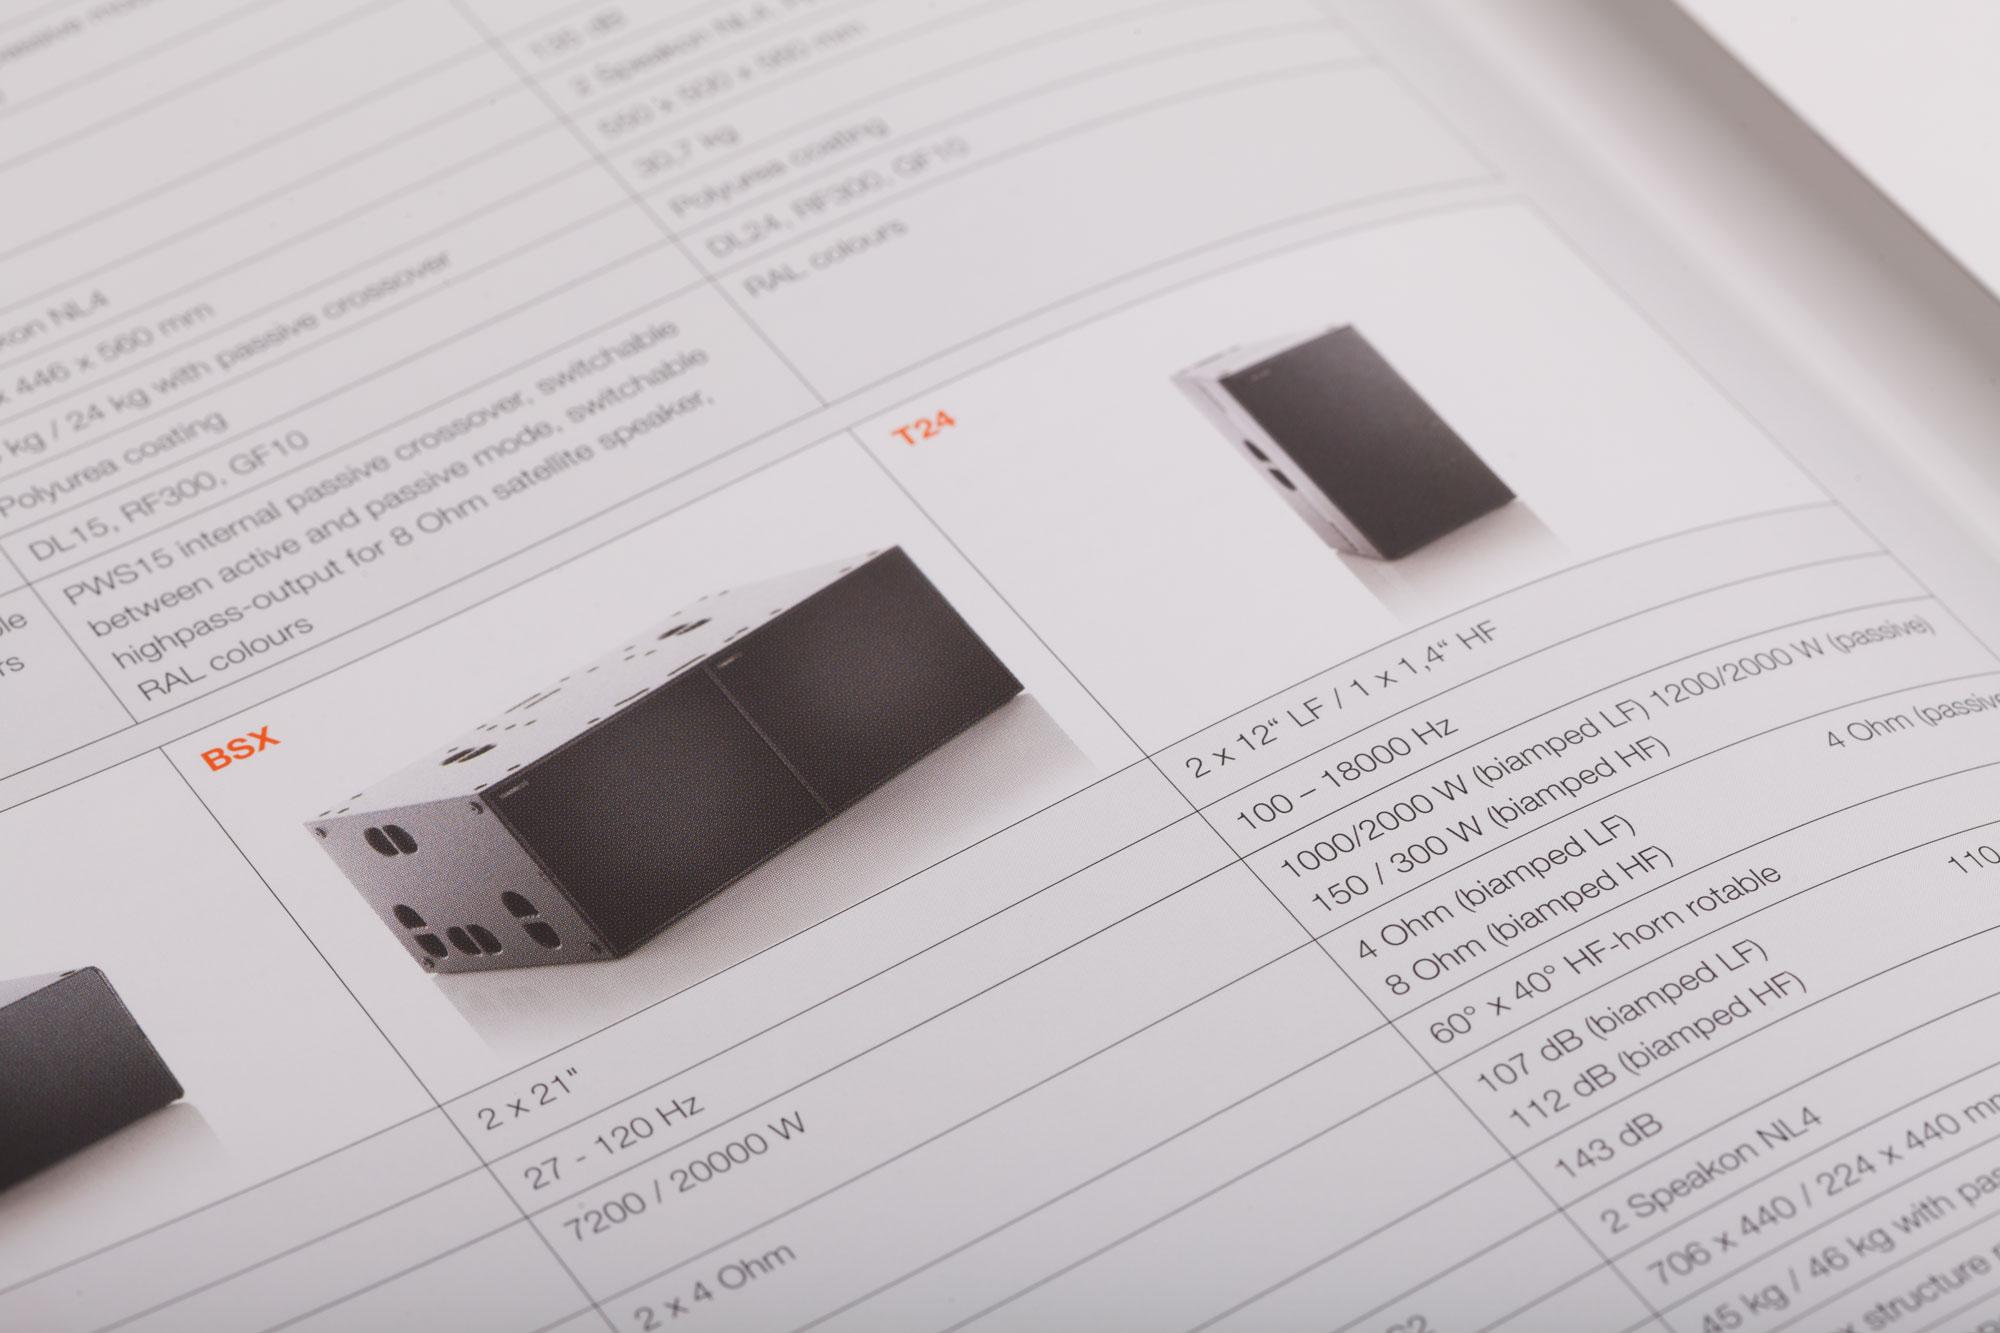 75a gestaltet den Produktkatalog von TW AUDiO